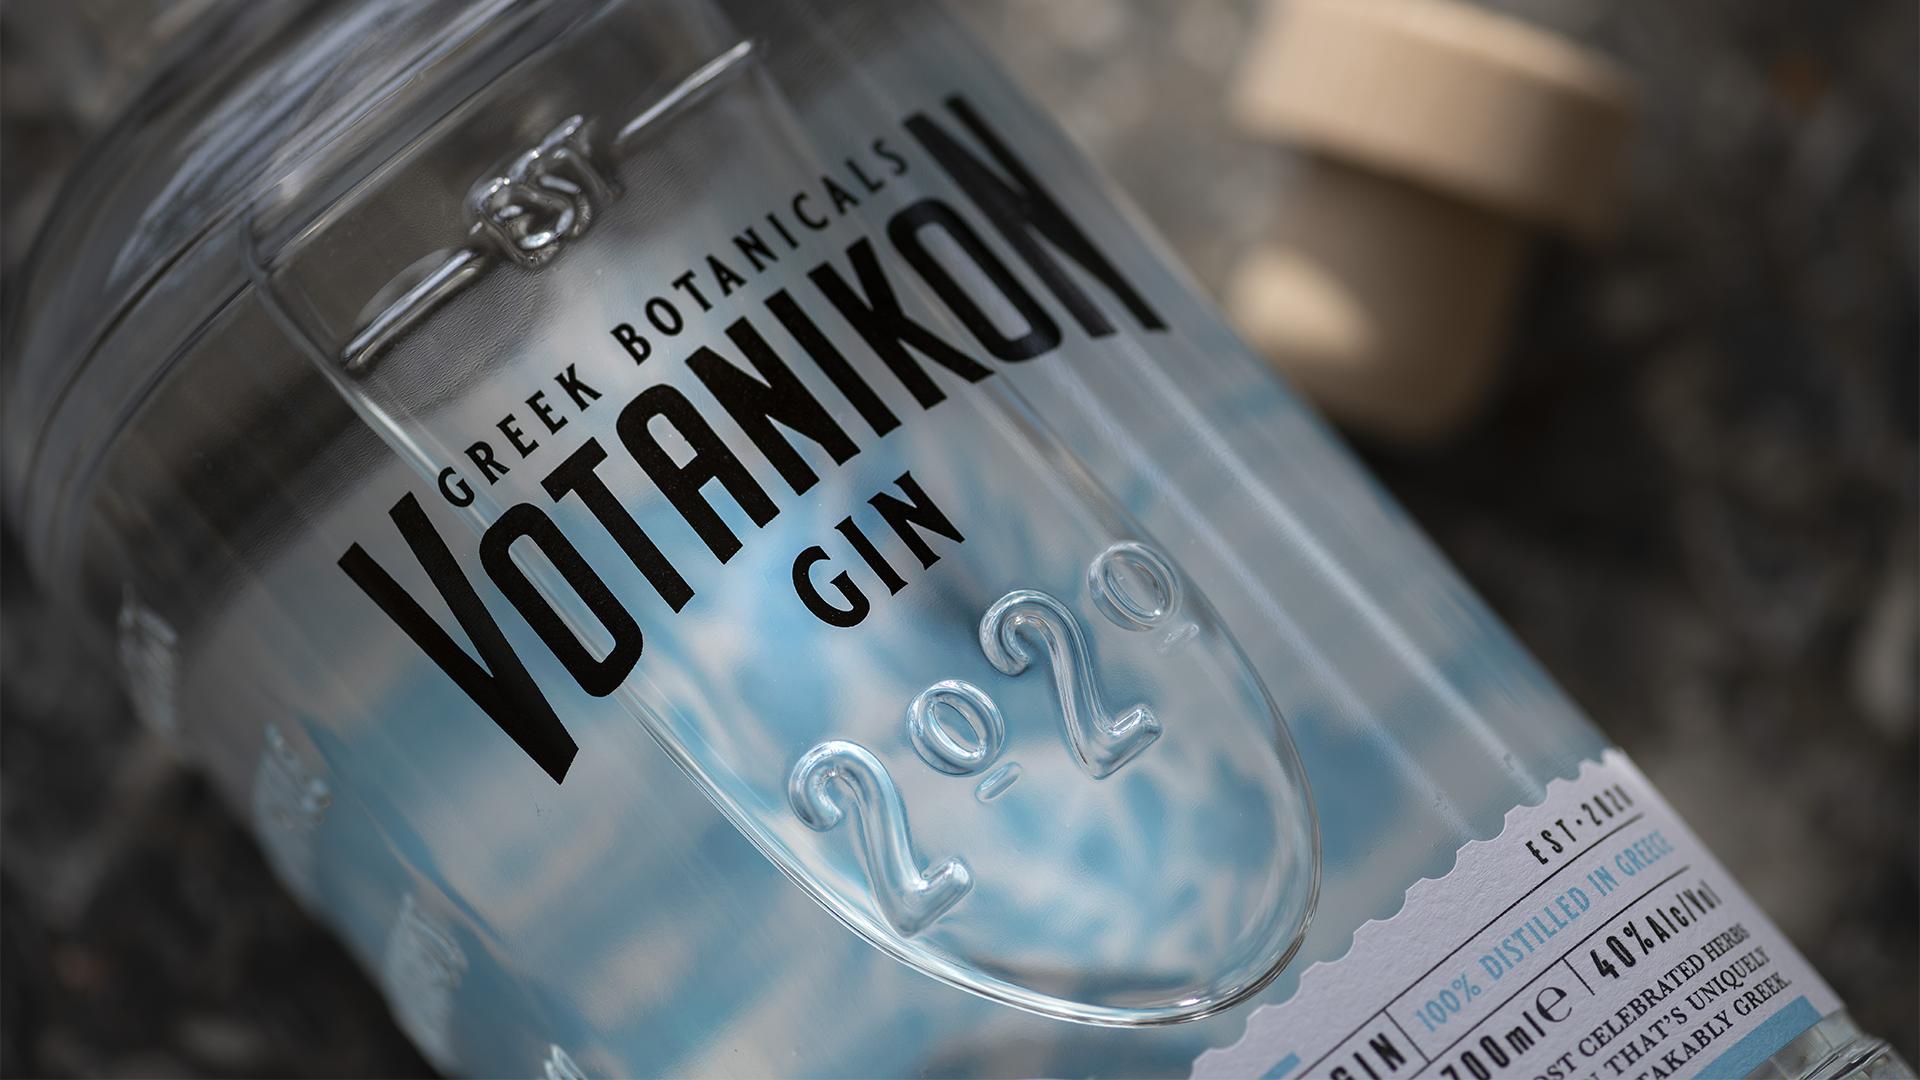 Bouteille de gin Votanikon